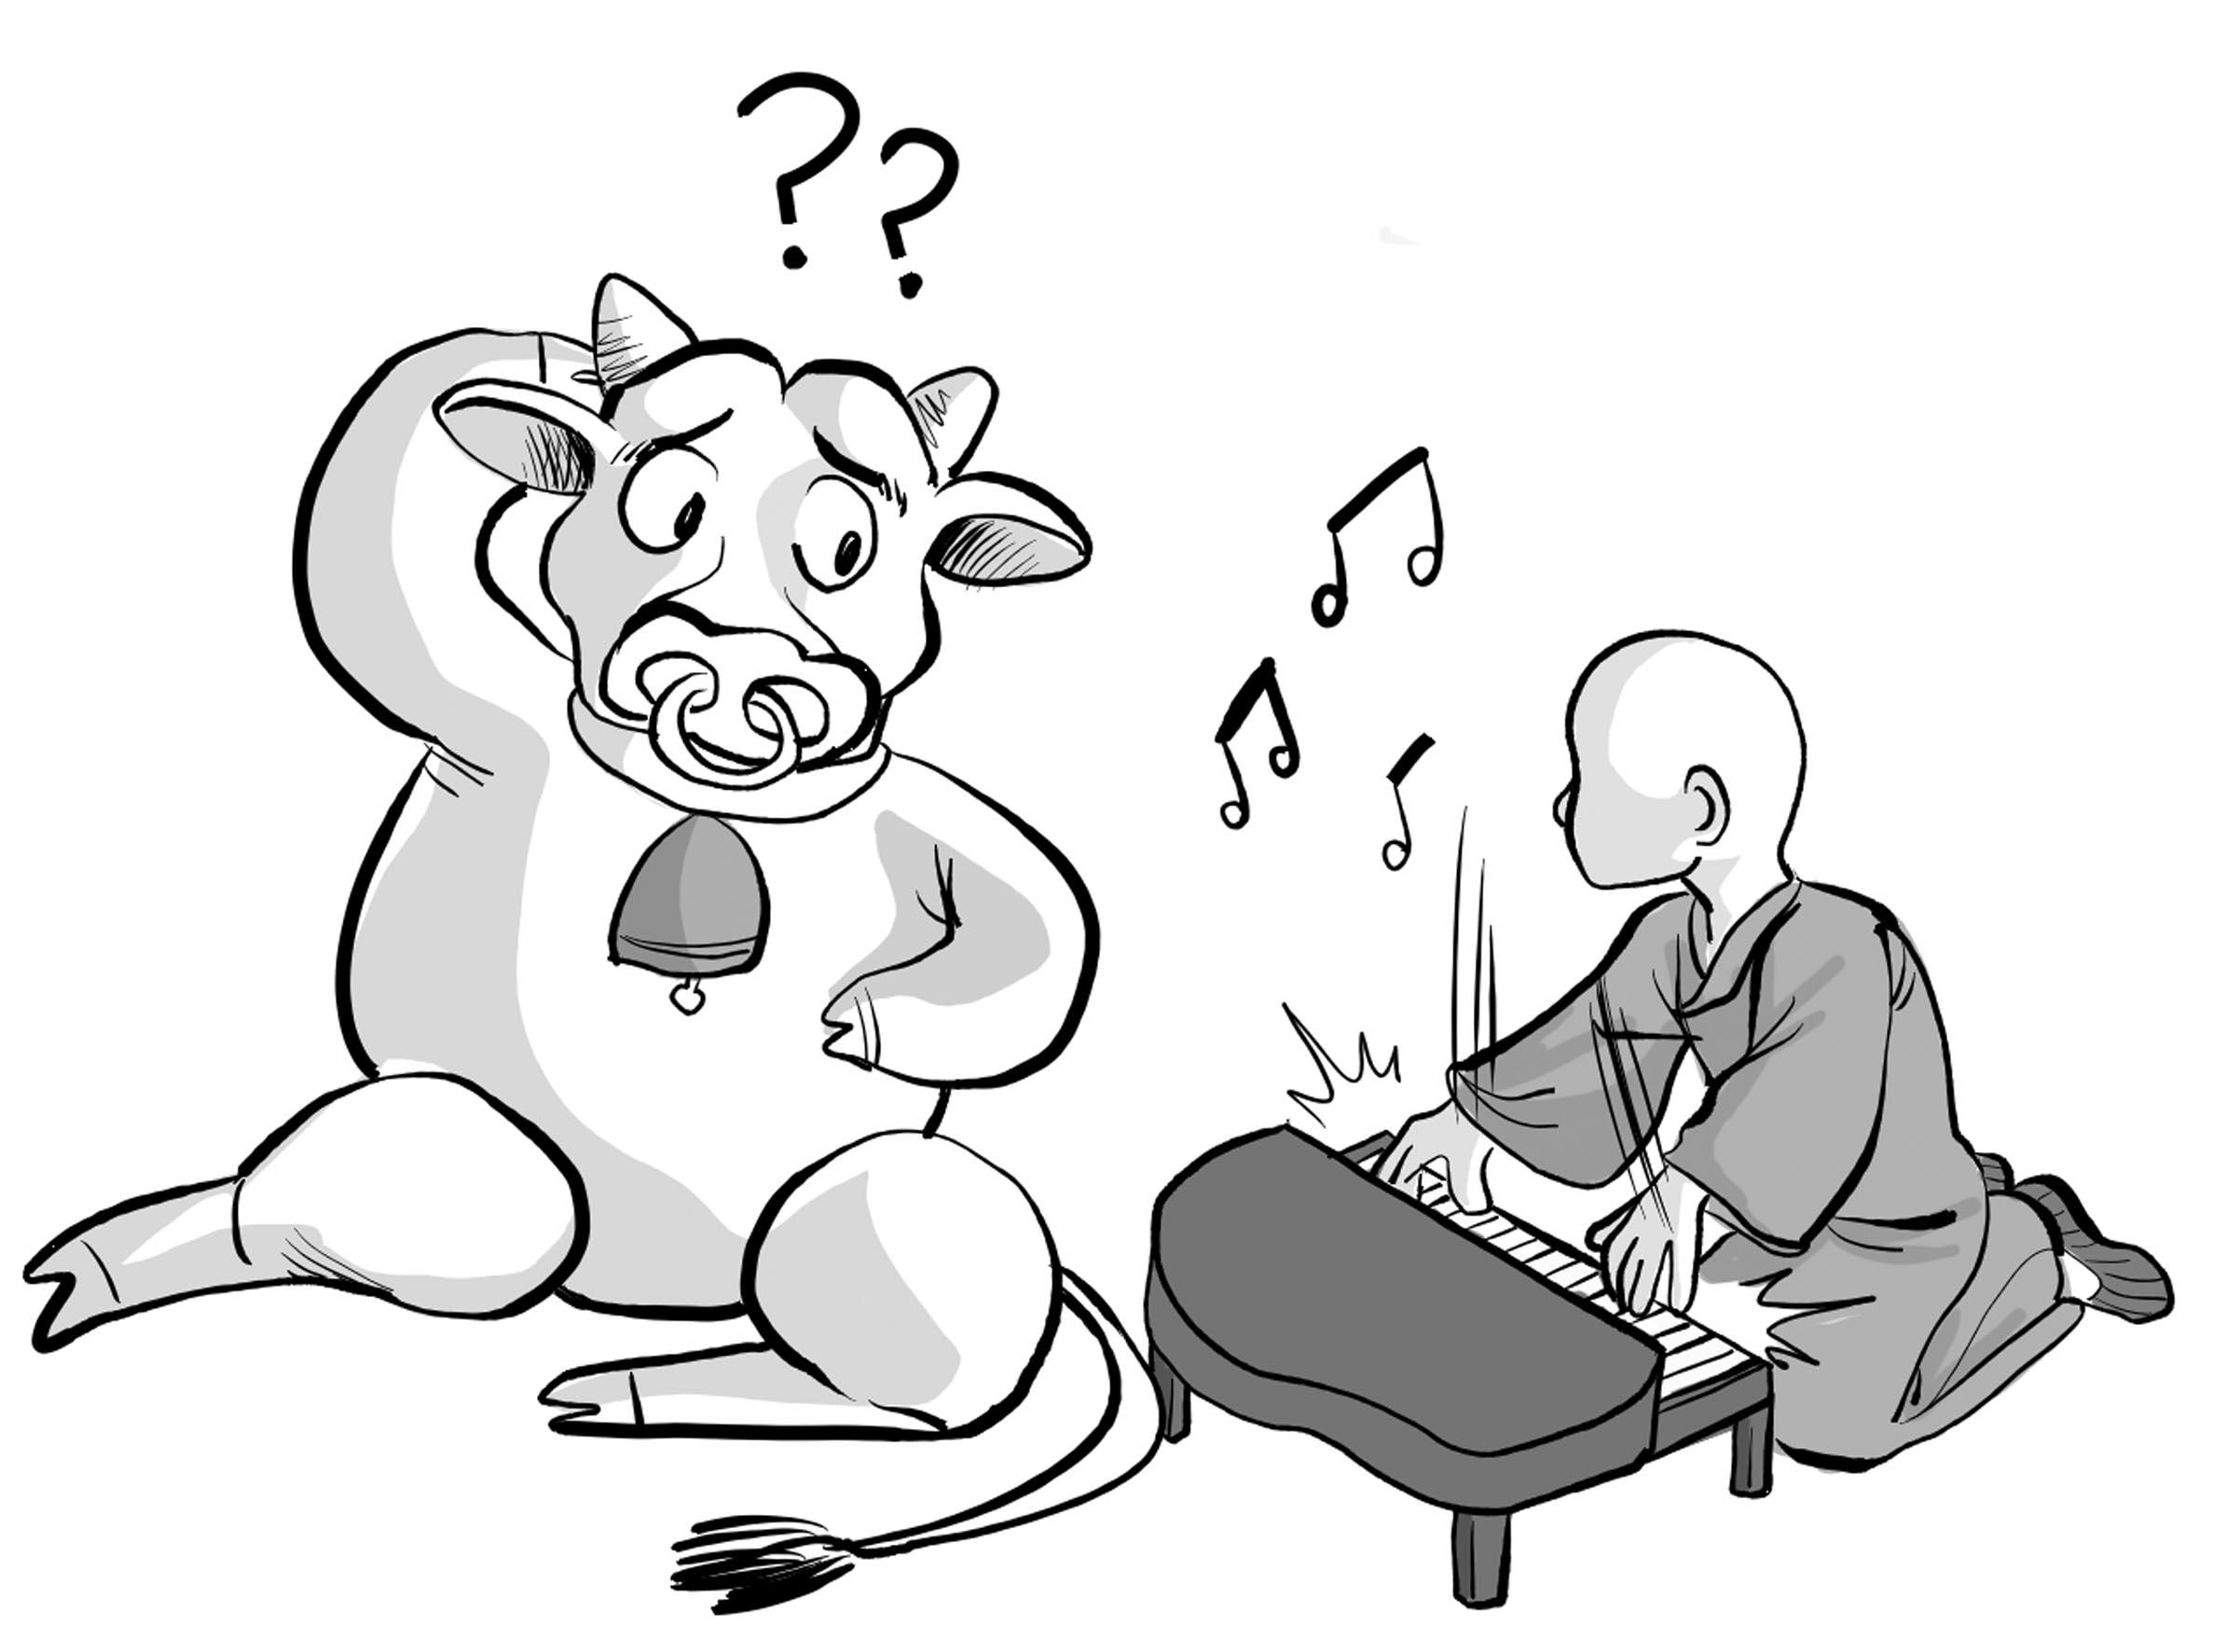 动漫 简笔画 卡通 漫画 设计 矢量 矢量图 手绘 素材 头像 线稿 2389